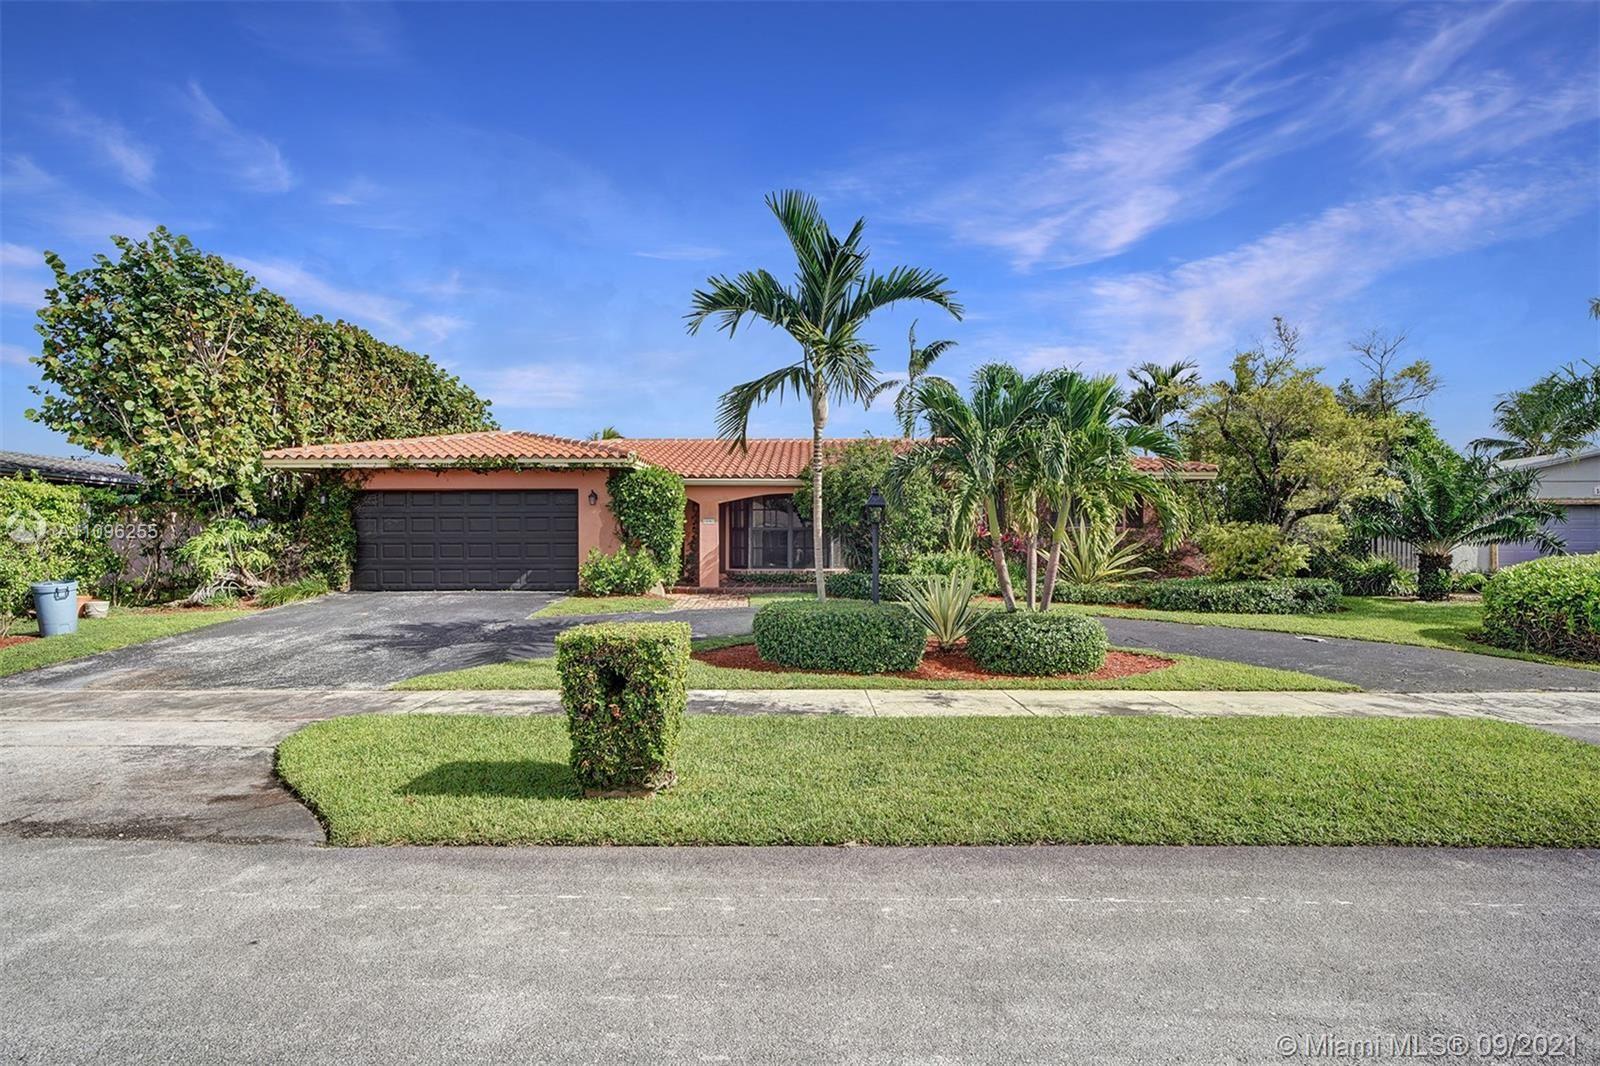 14261 SW 74th Terr, Miami, FL 33183 - #: A11096255